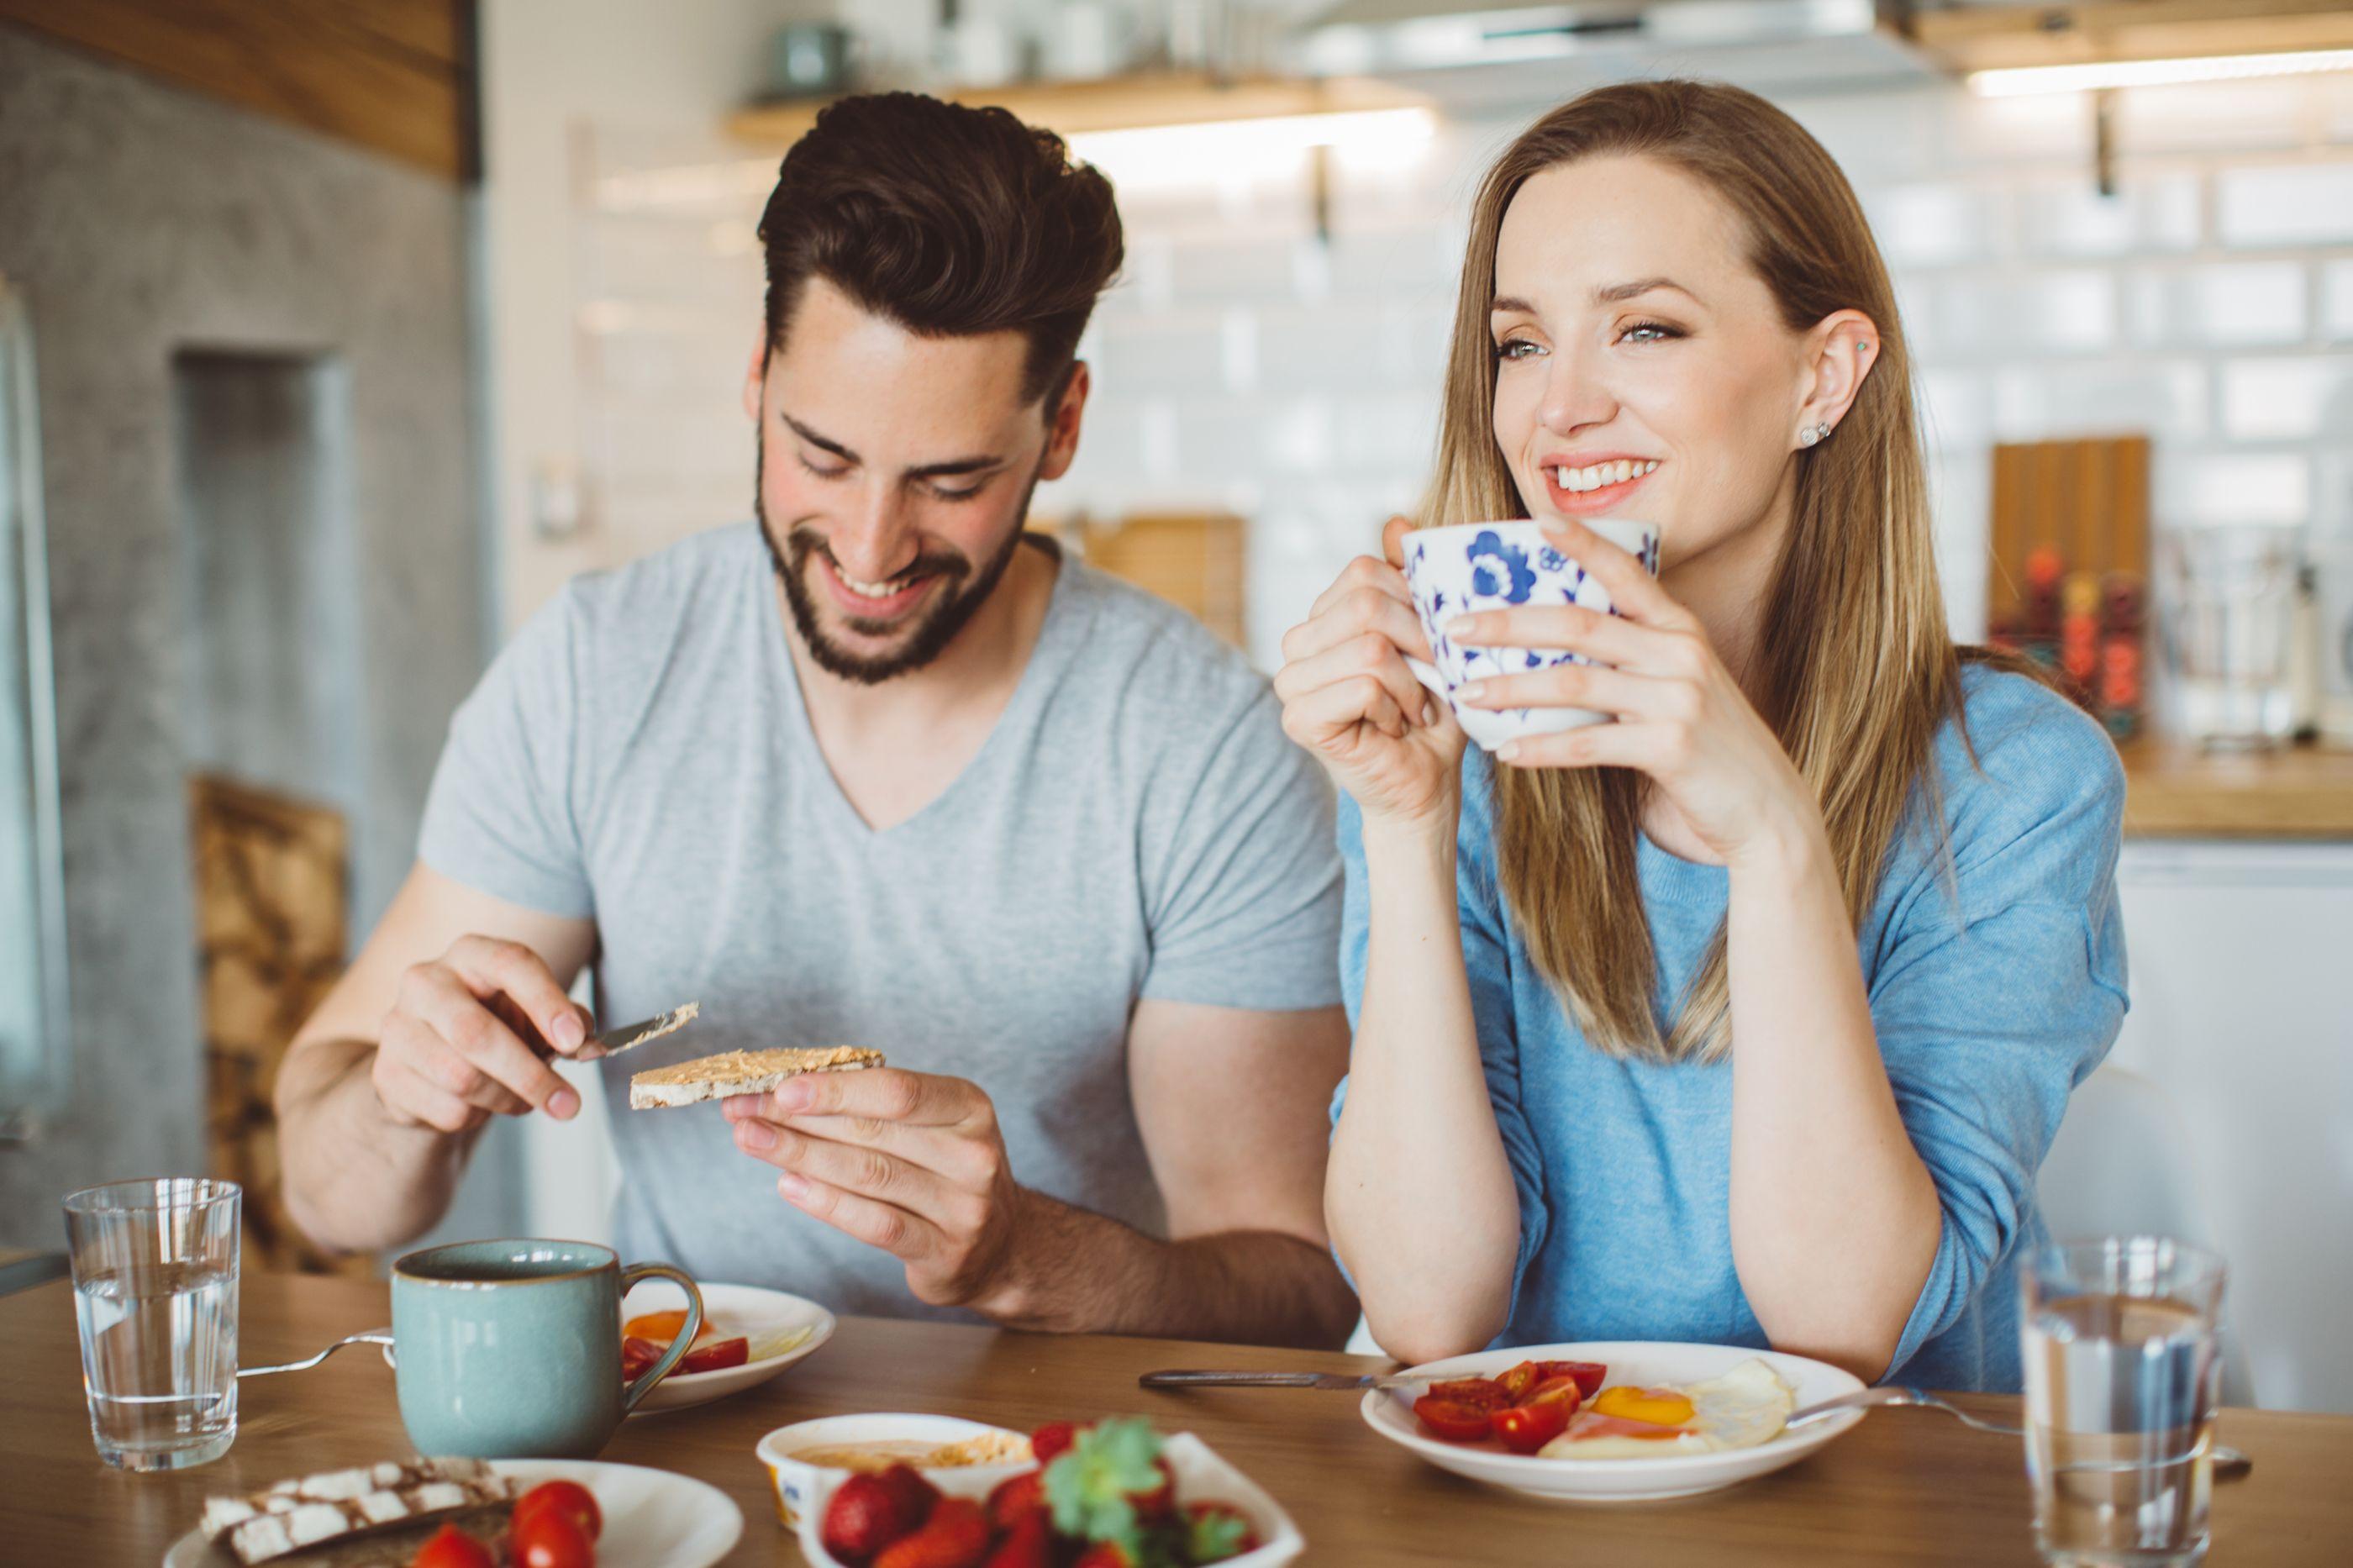 Diabetes de tipo 2: Estes 9 alimentos proteicos reduzem níveis de açúcar